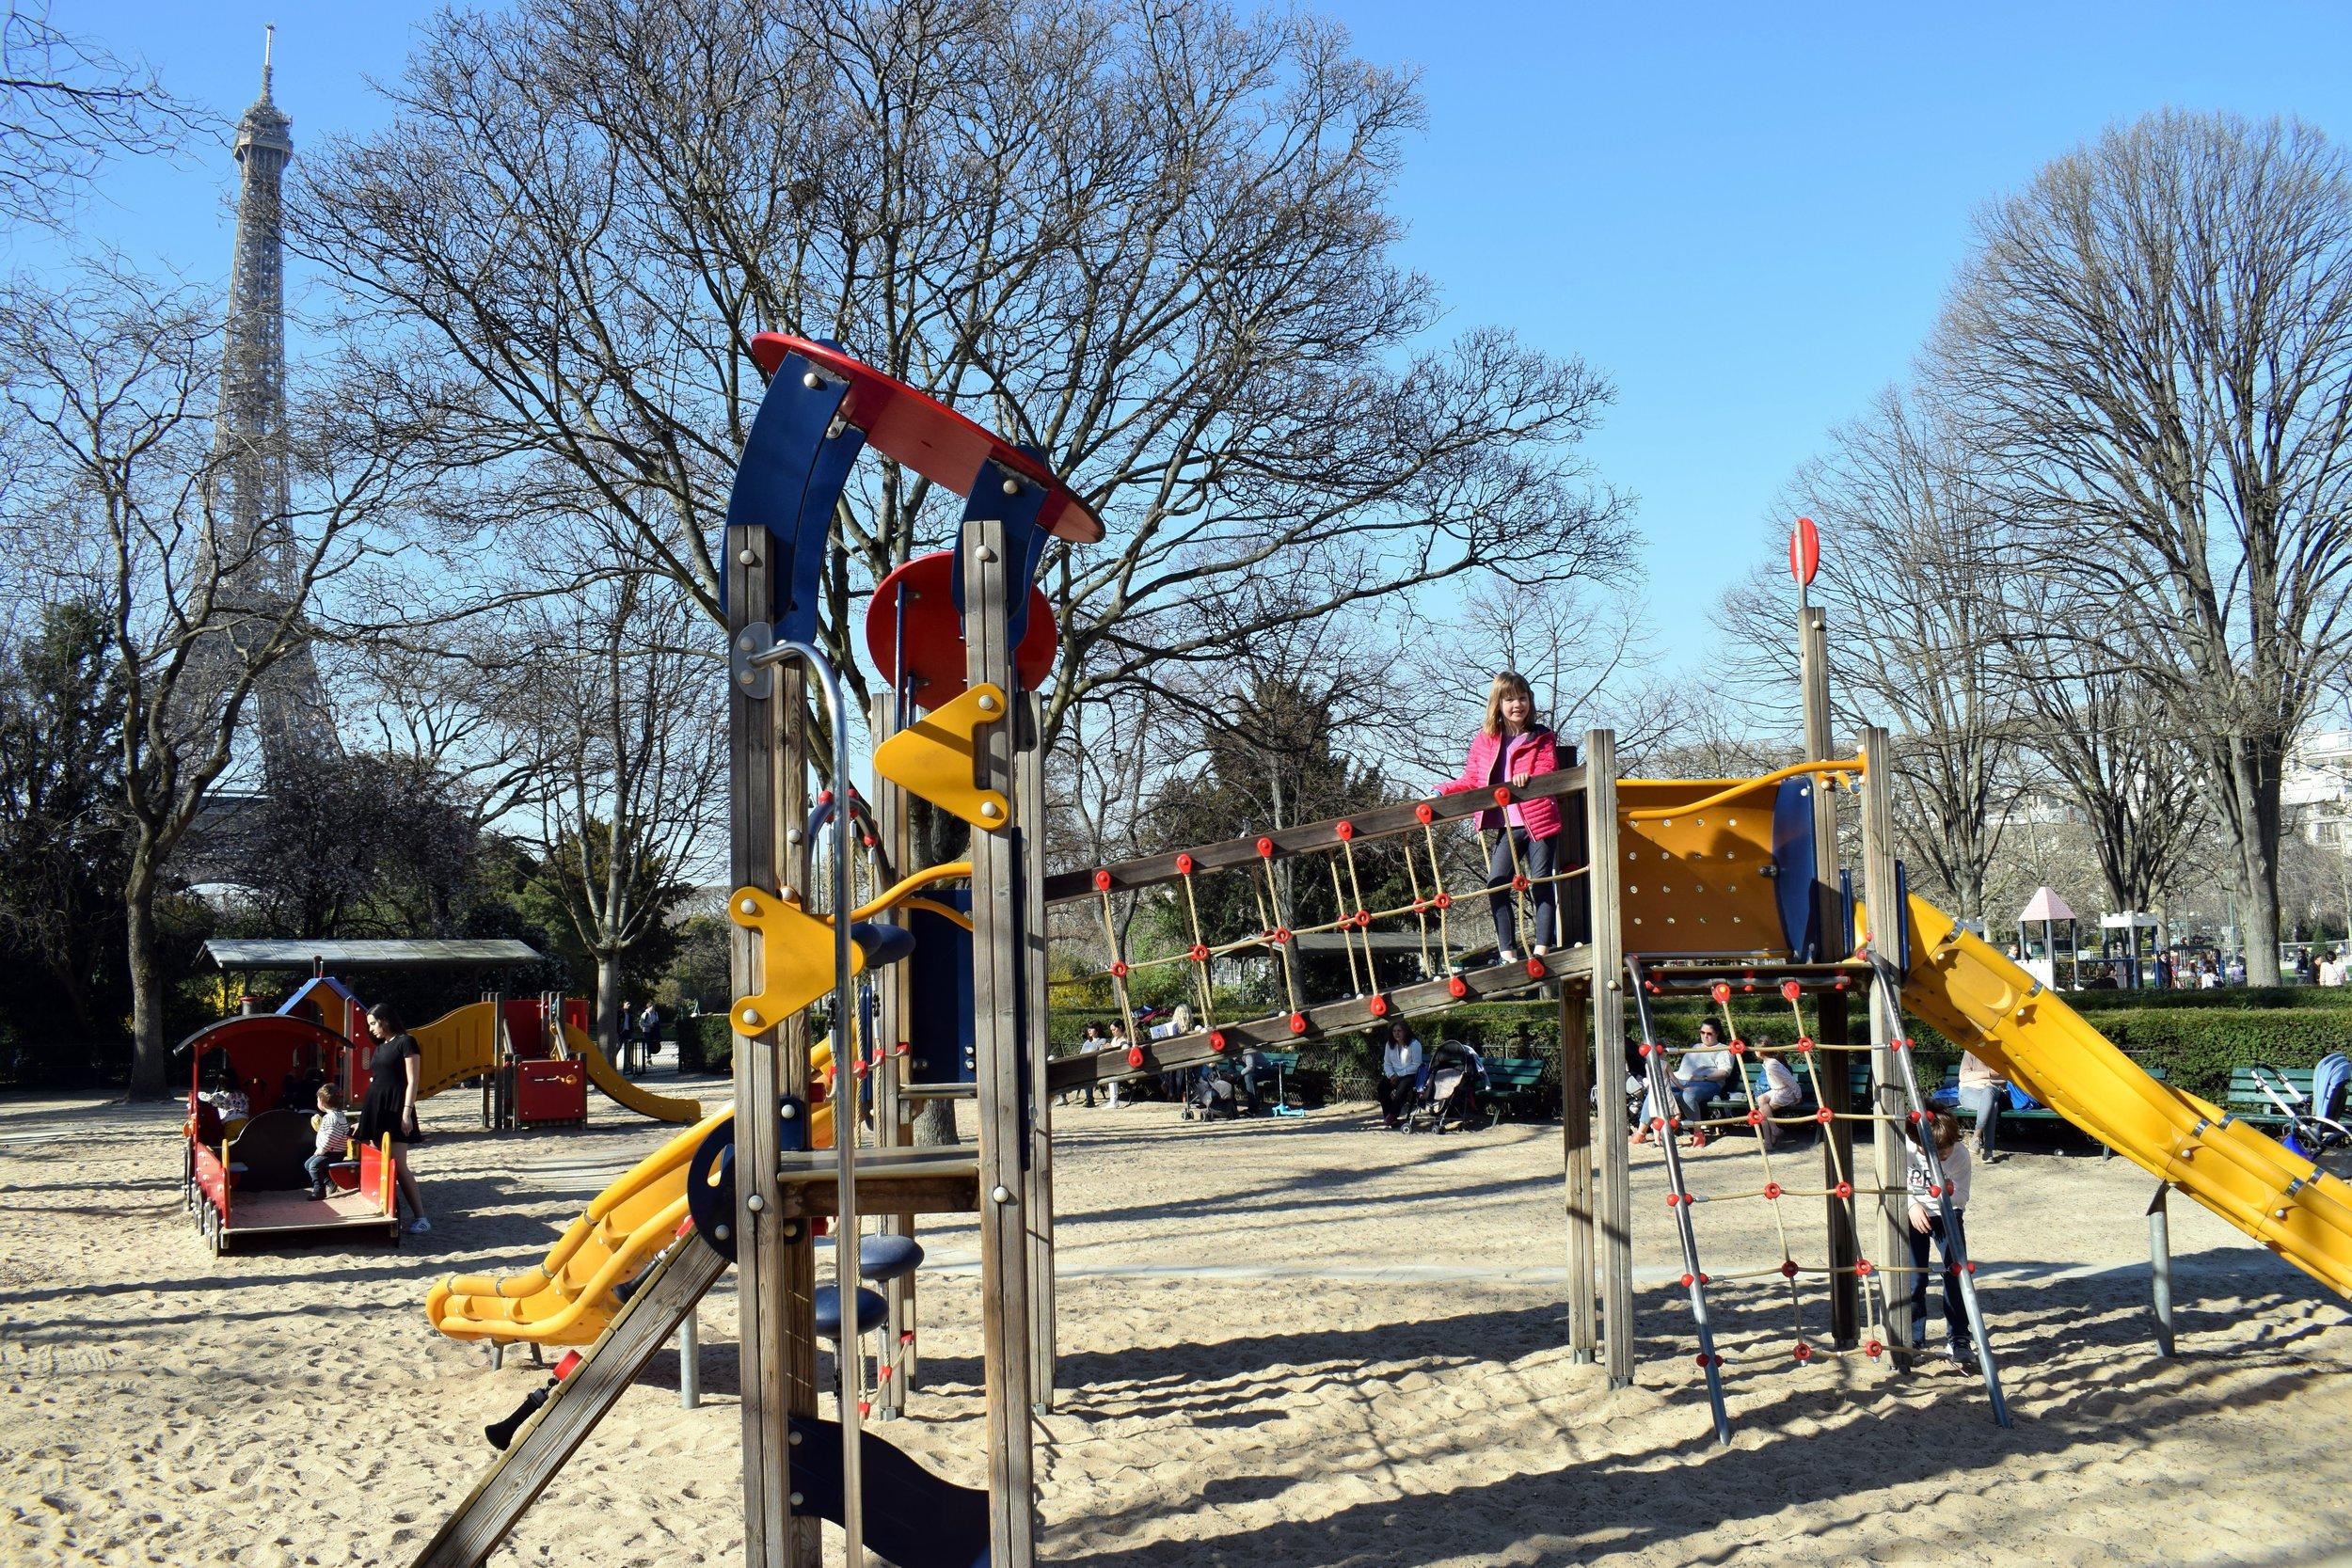 playground_Paris.JPG